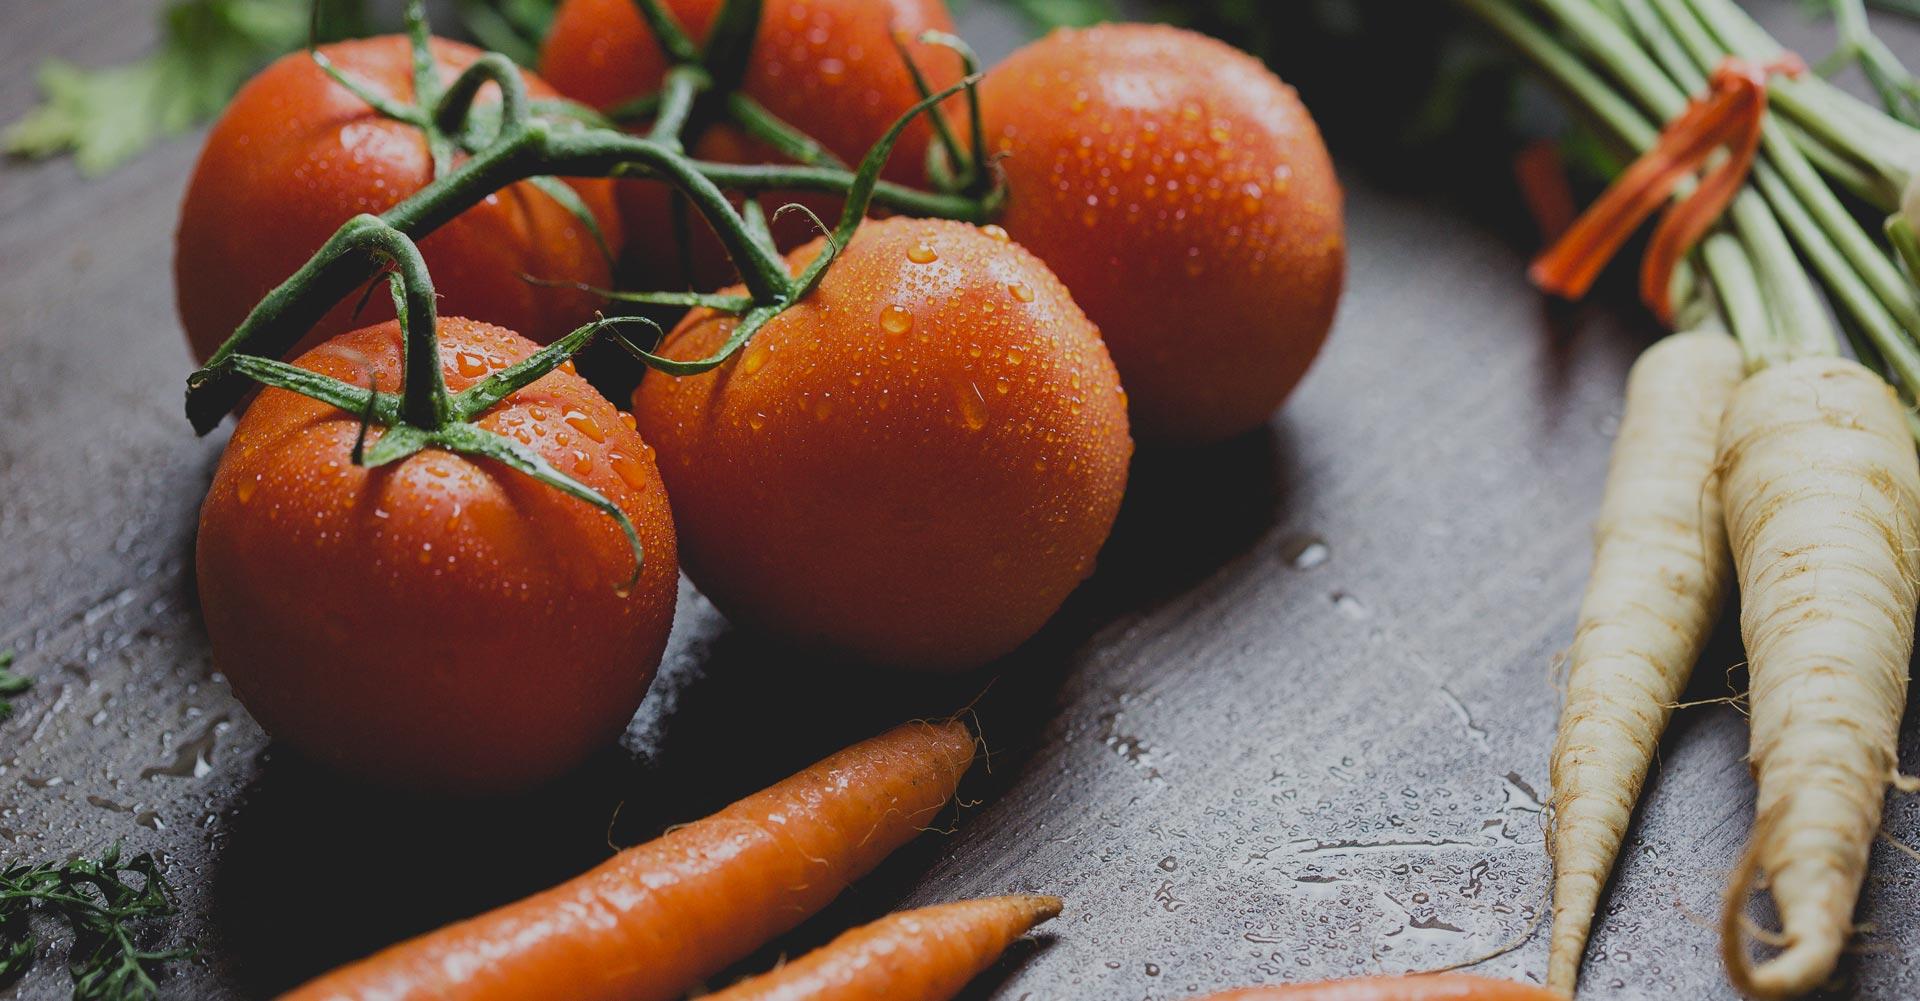 frutas y verduras valencia